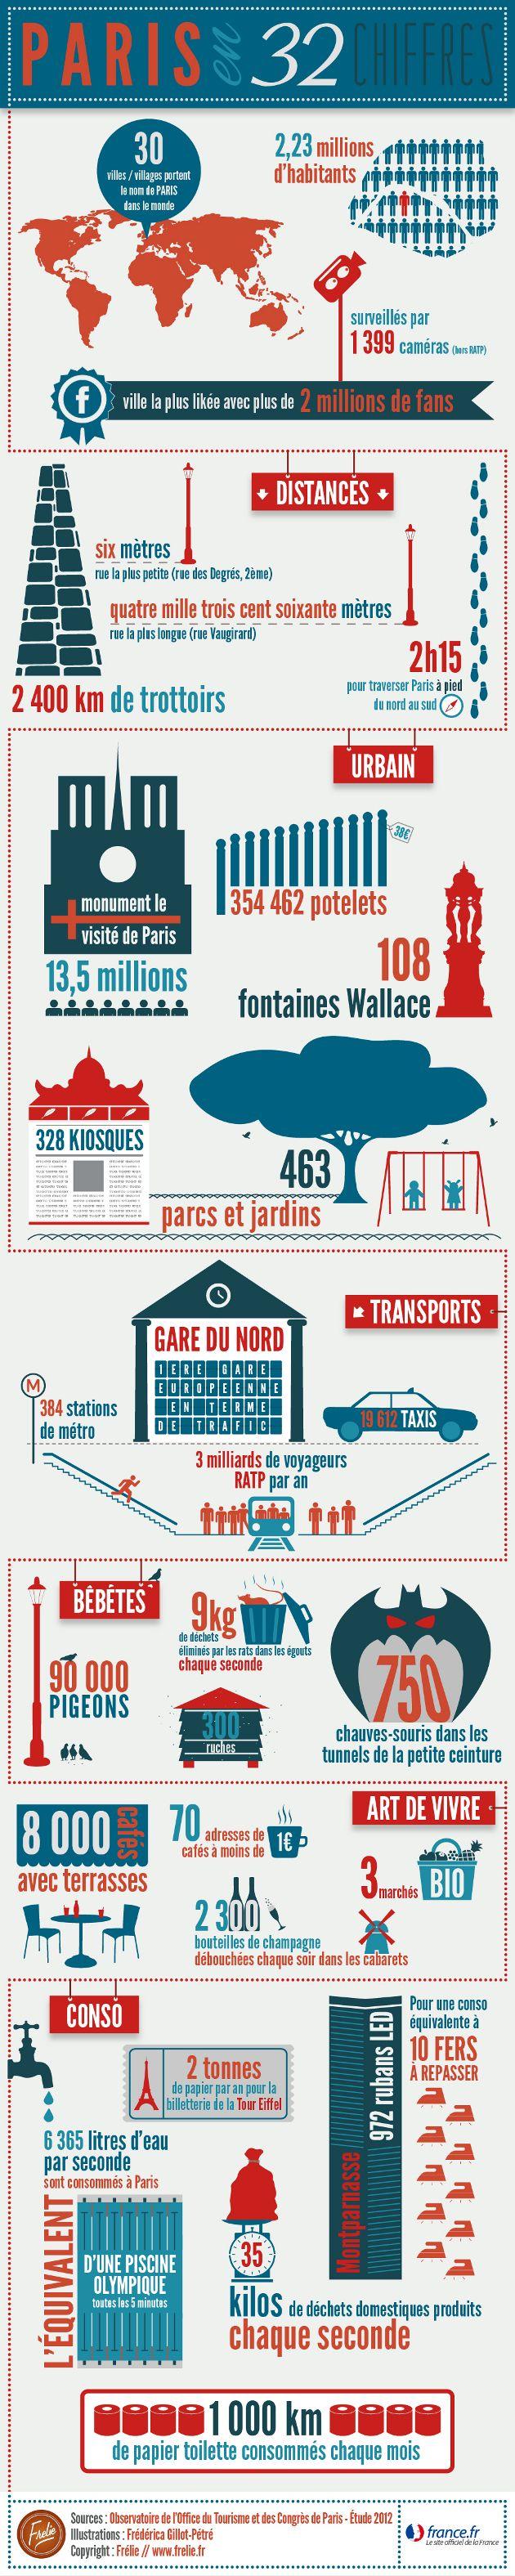 Infographie Paris en 32 chiffres